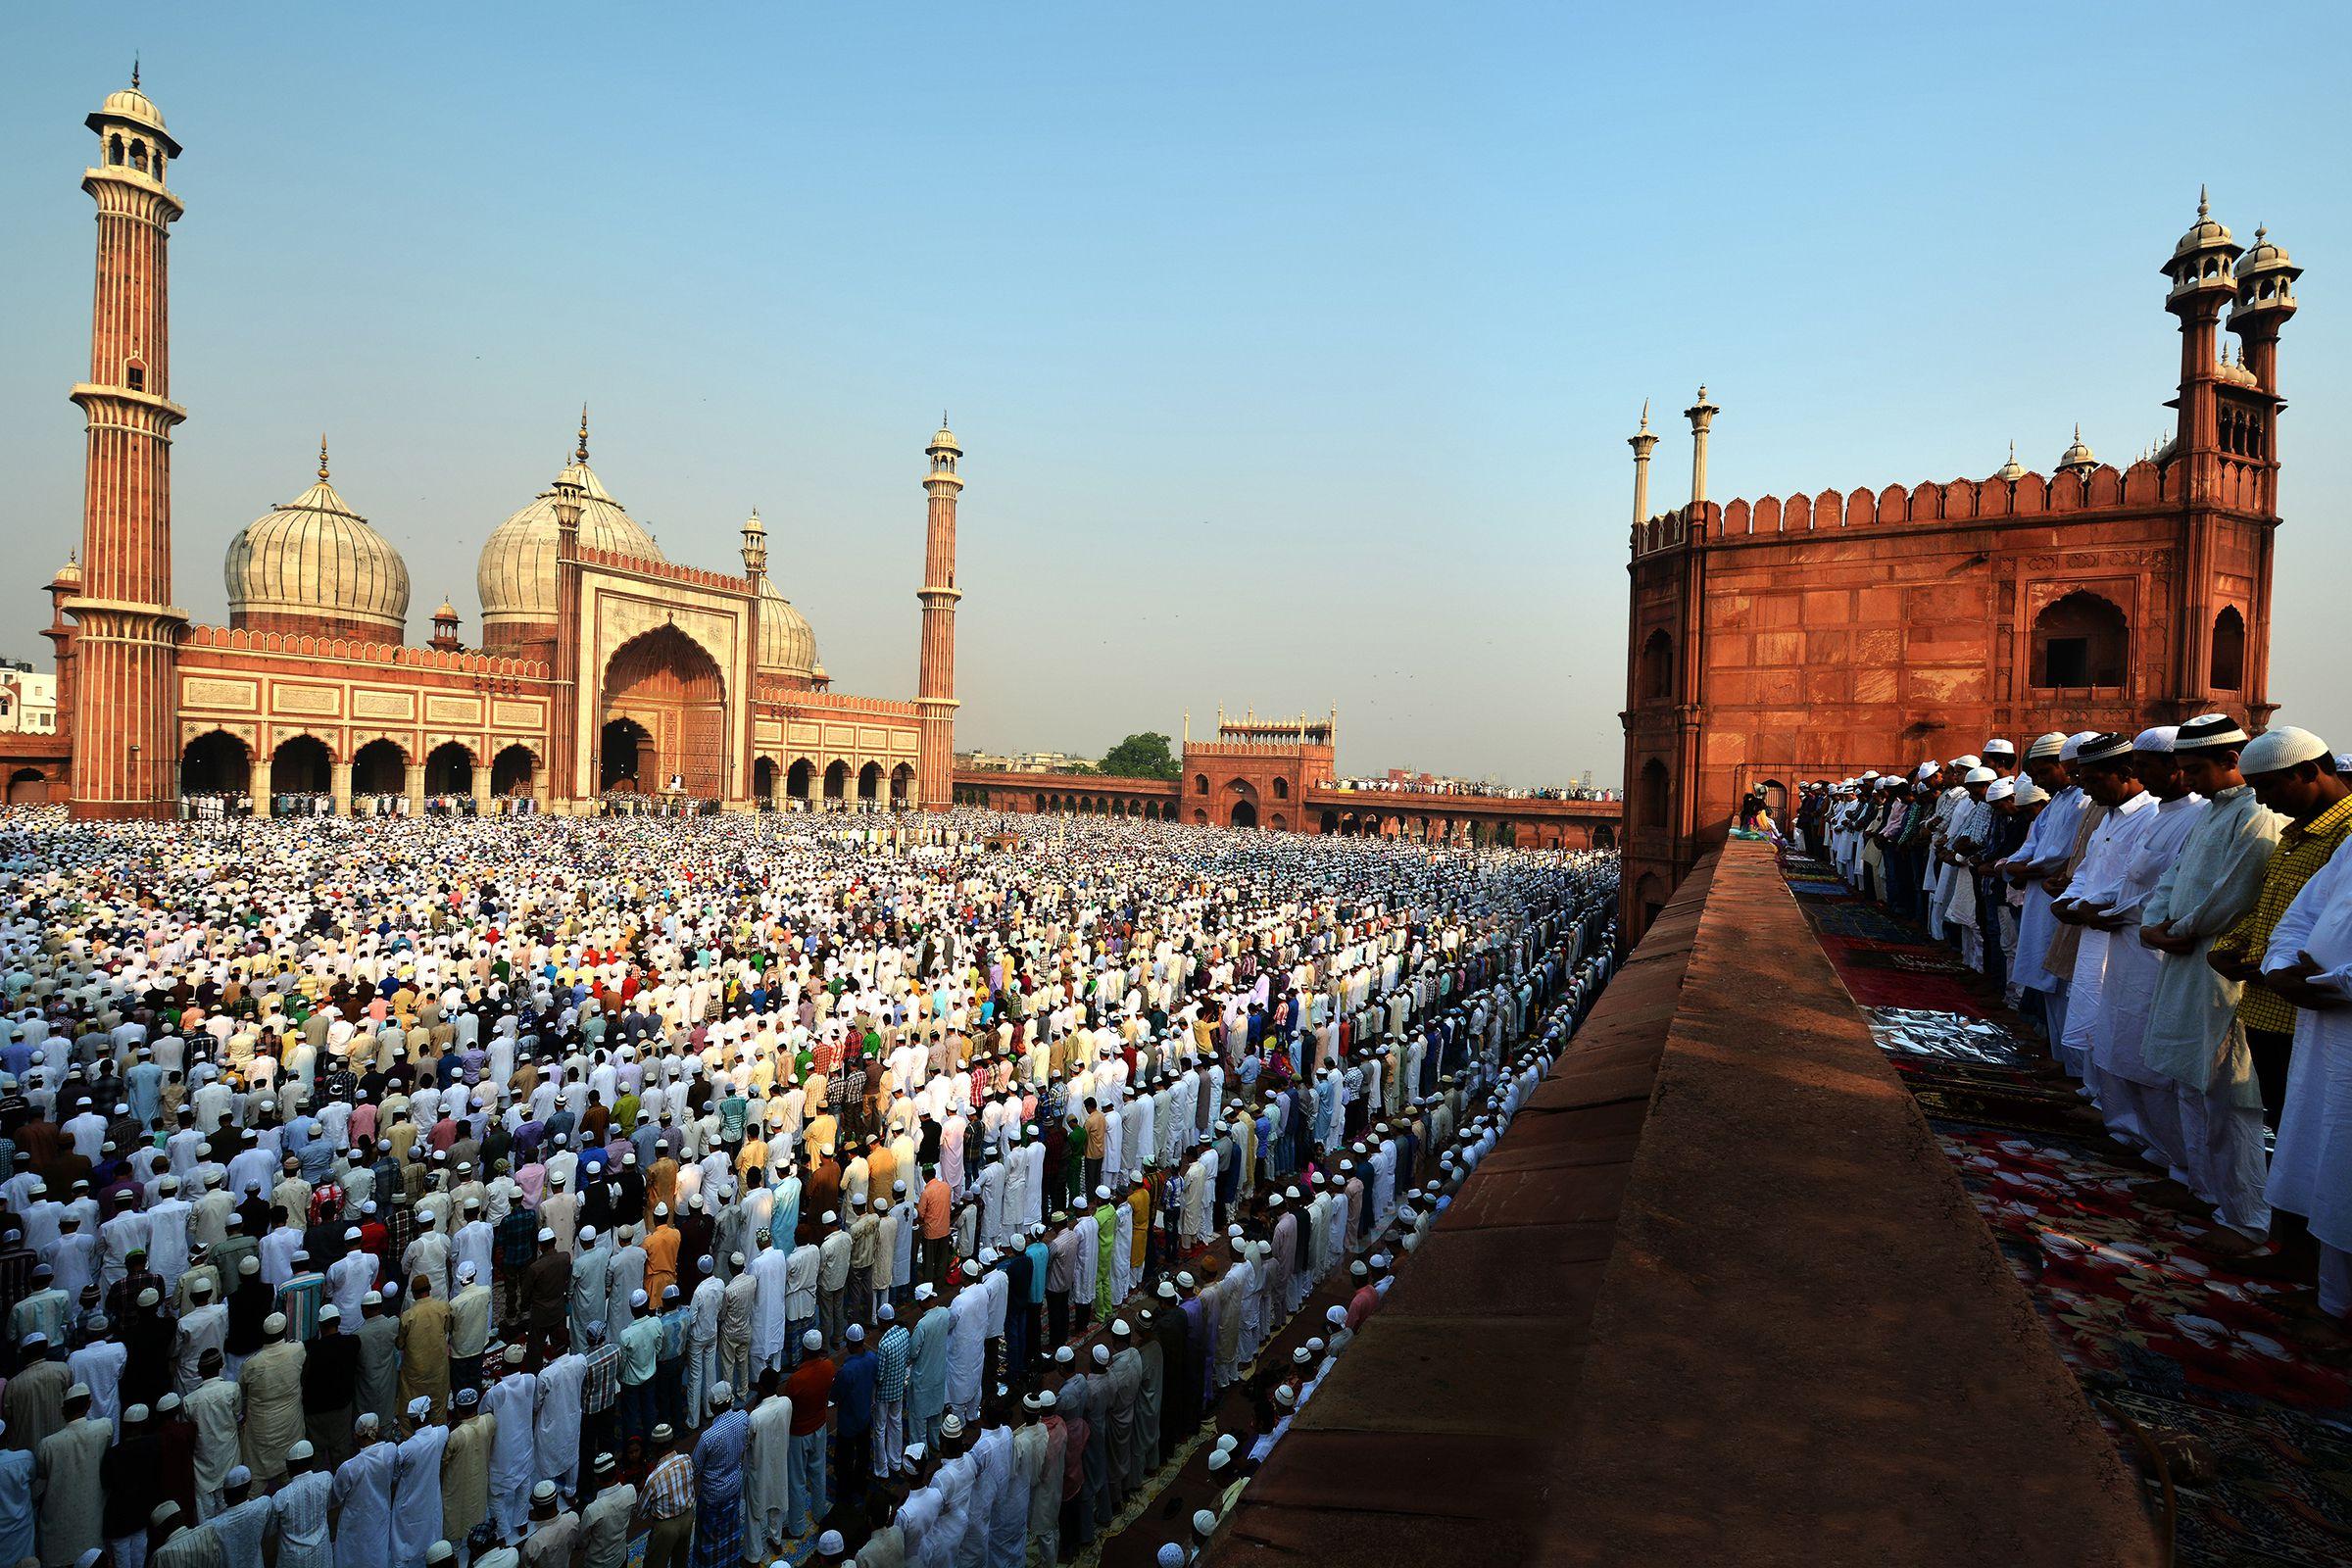 Eid Mubarak, Jama Masjid, India